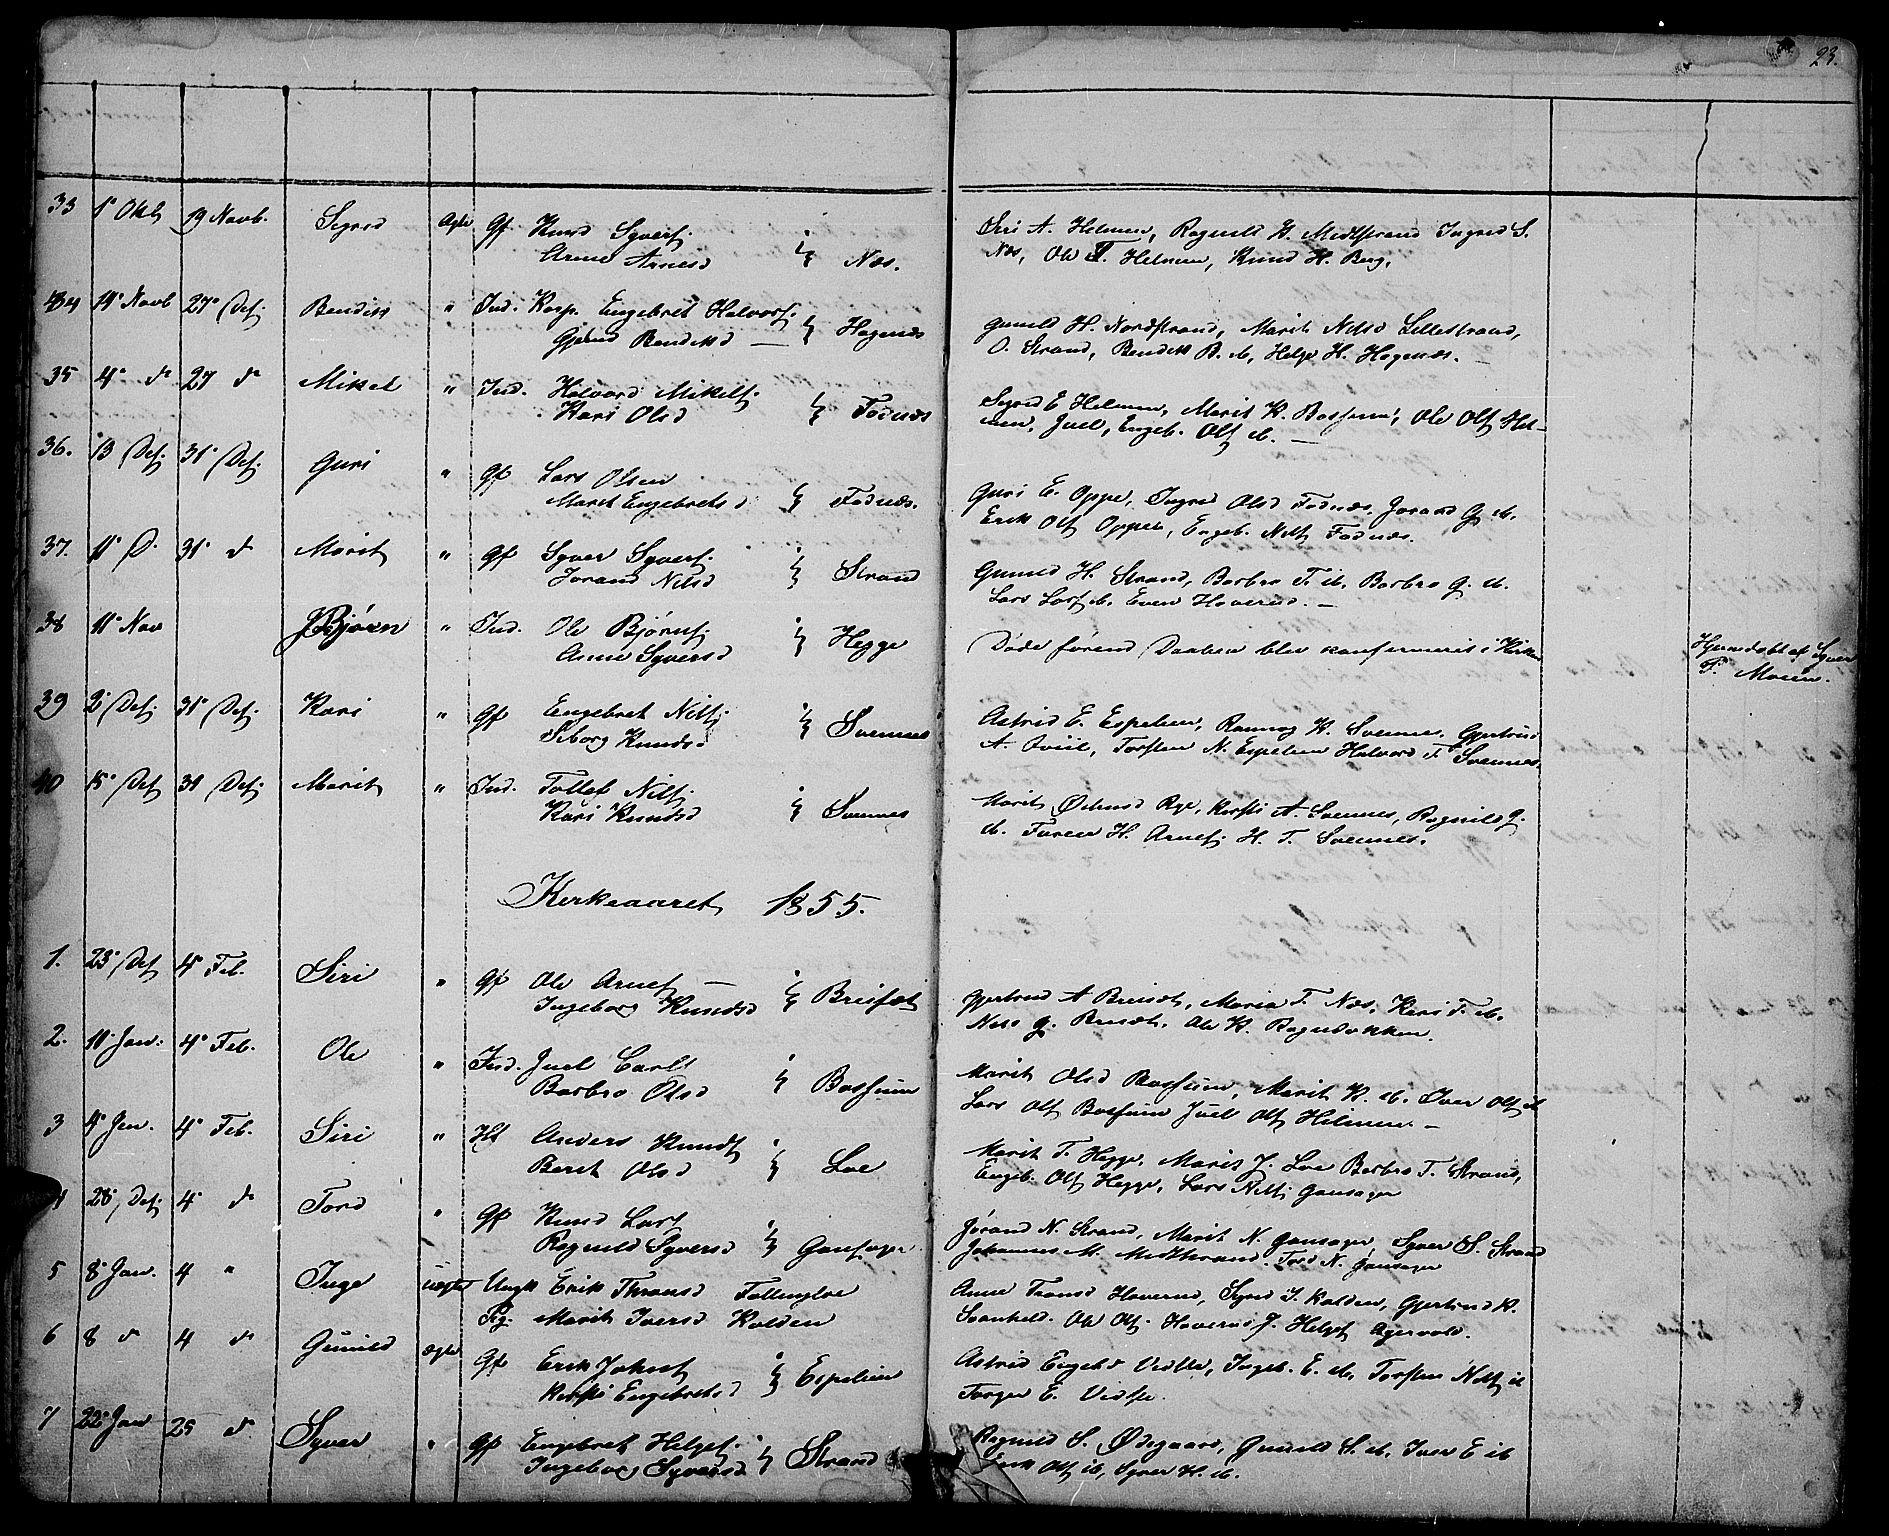 SAH, Nord-Aurdal prestekontor, Klokkerbok nr. 3, 1842-1882, s. 23